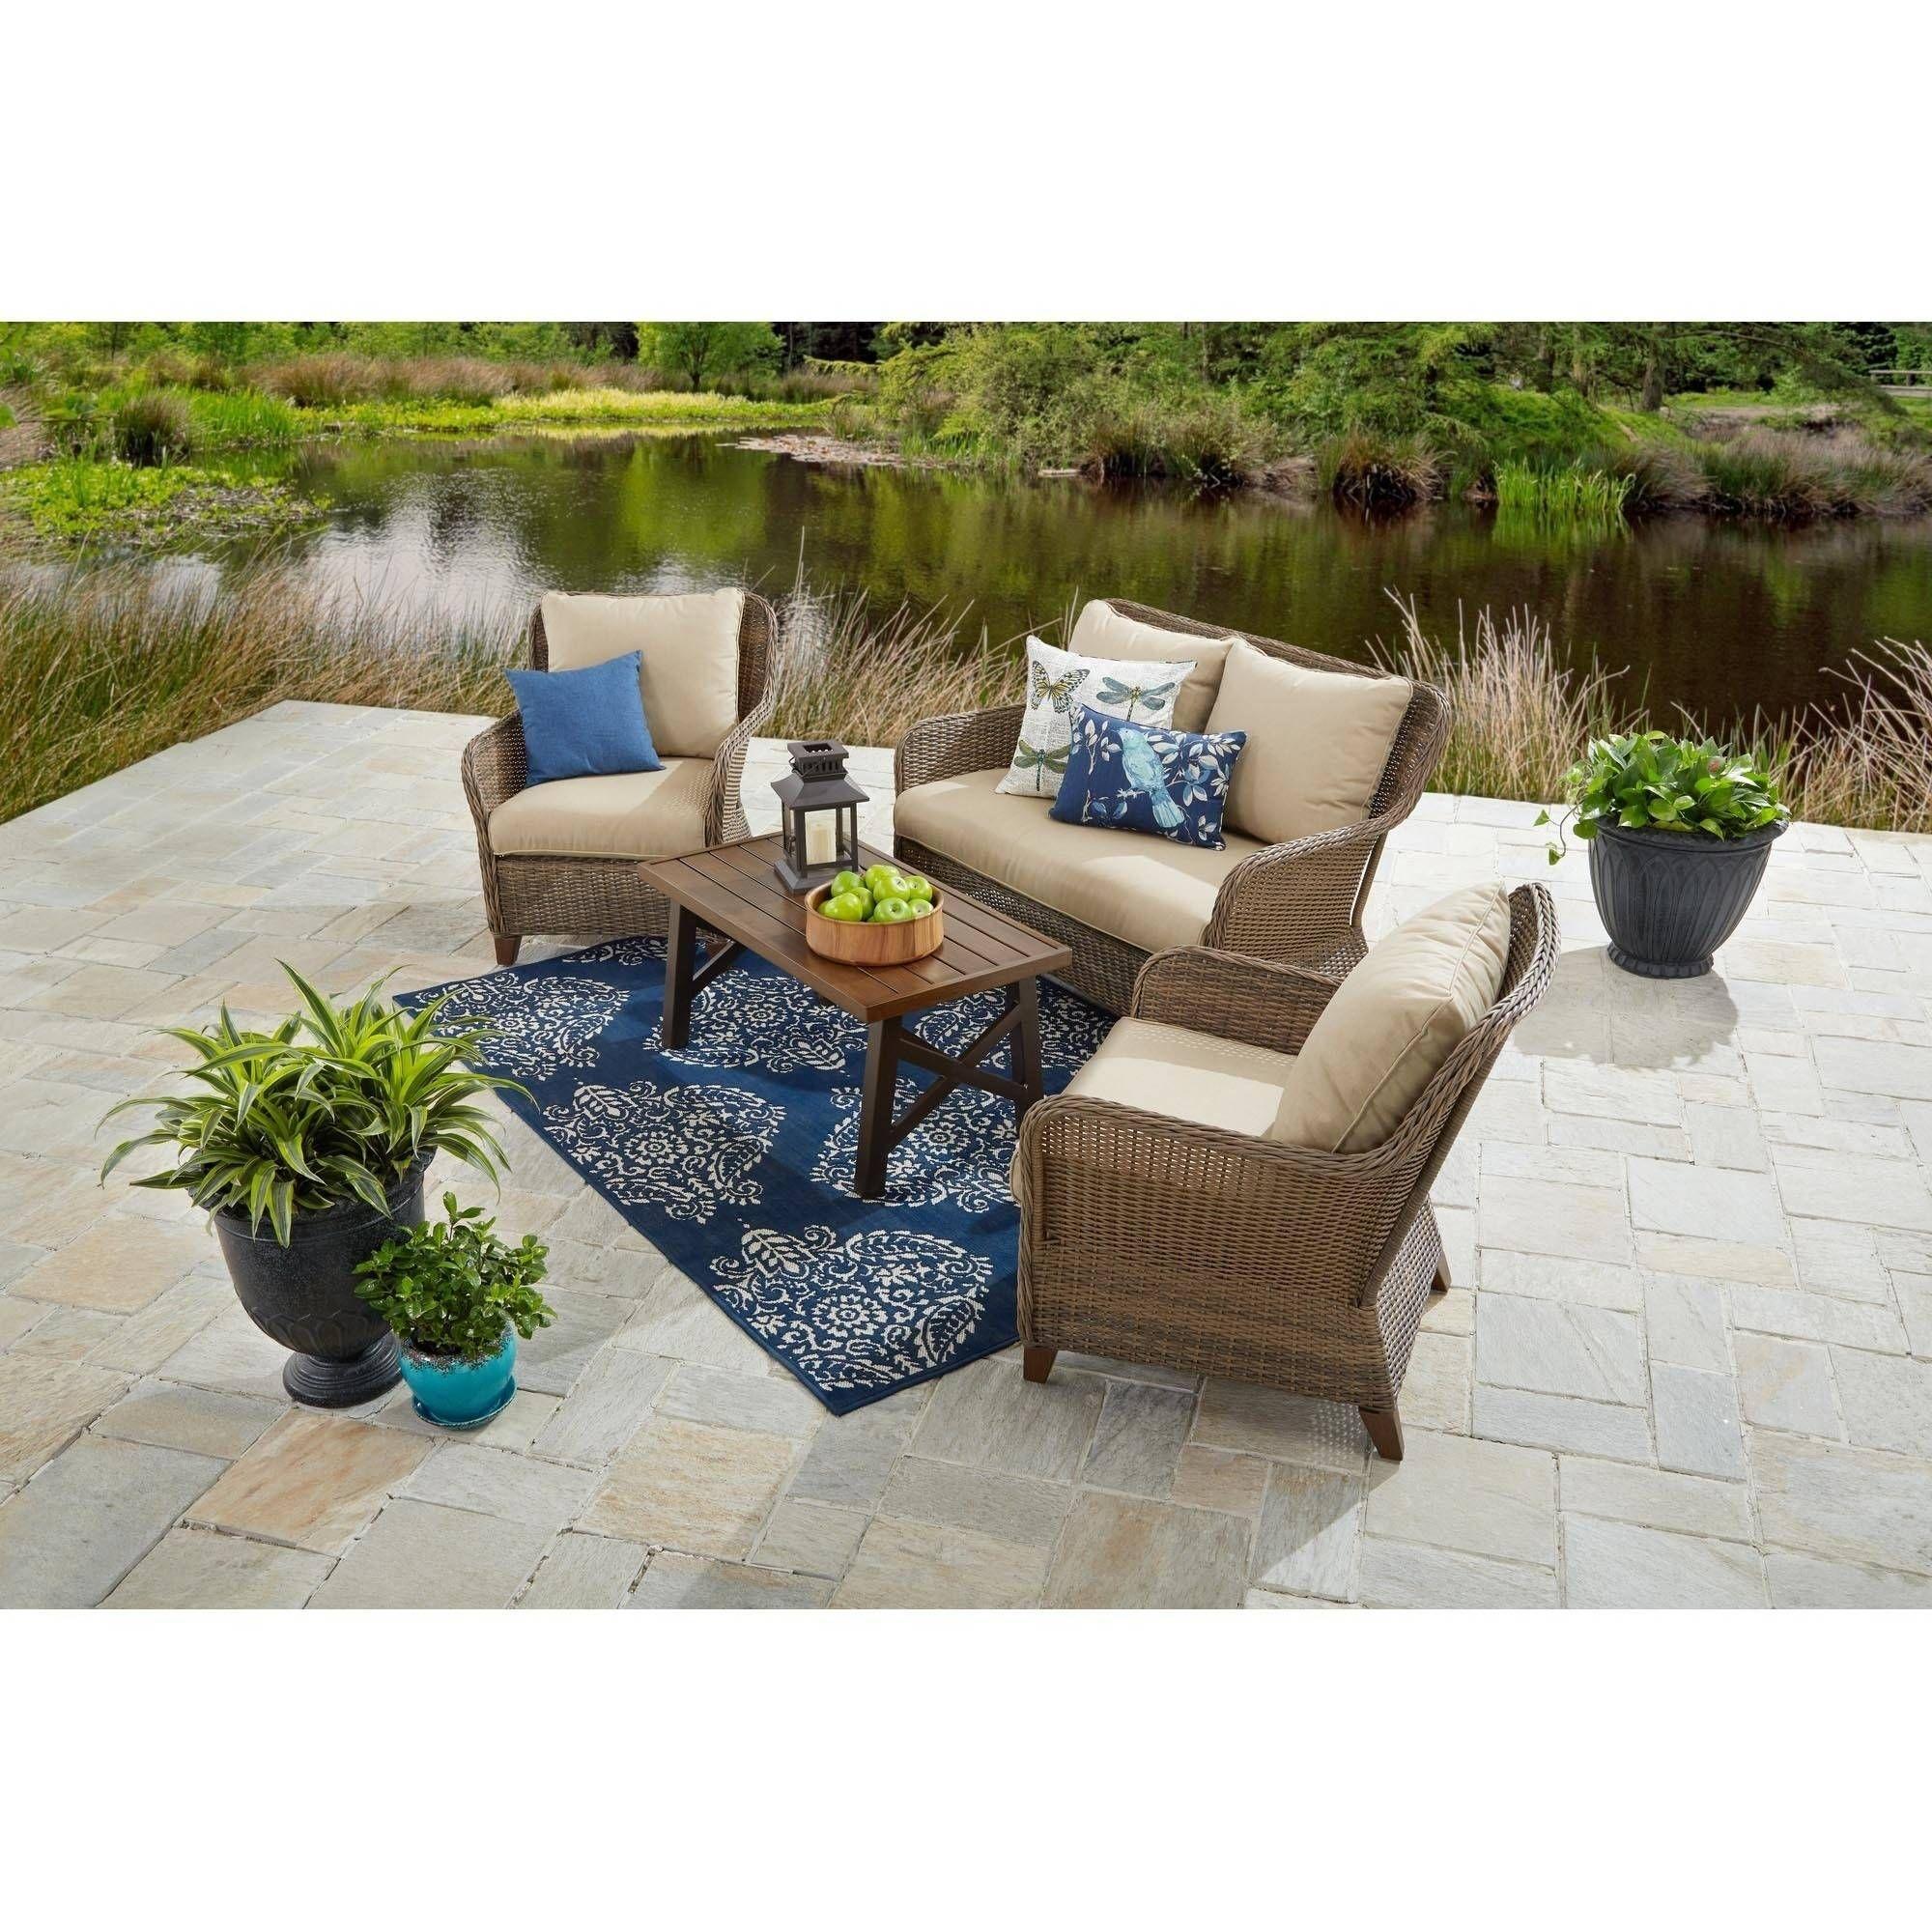 Better homes gardens camrose farmhouse outdoor